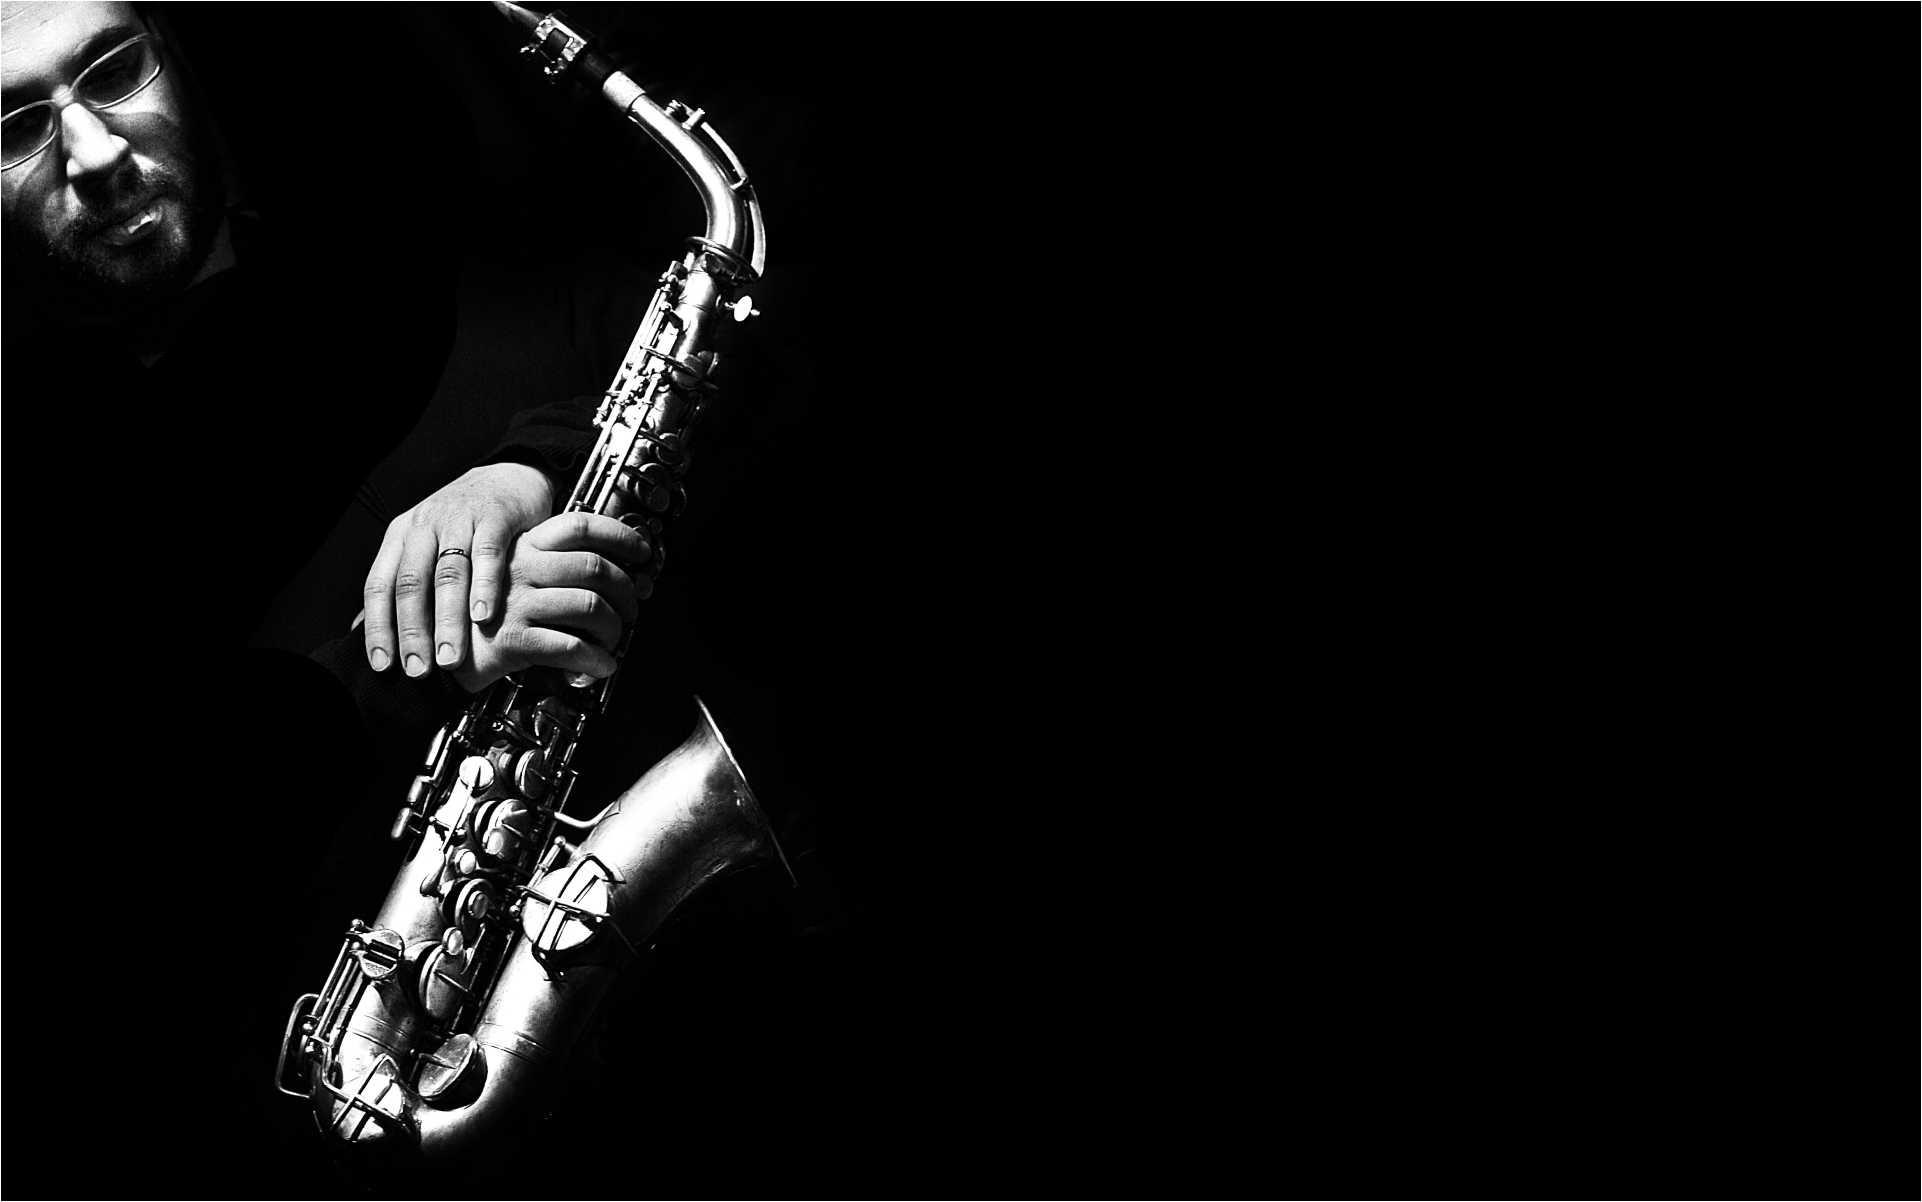 1920x1080 sax wallpaper Saxophone Wallpaper ·â'